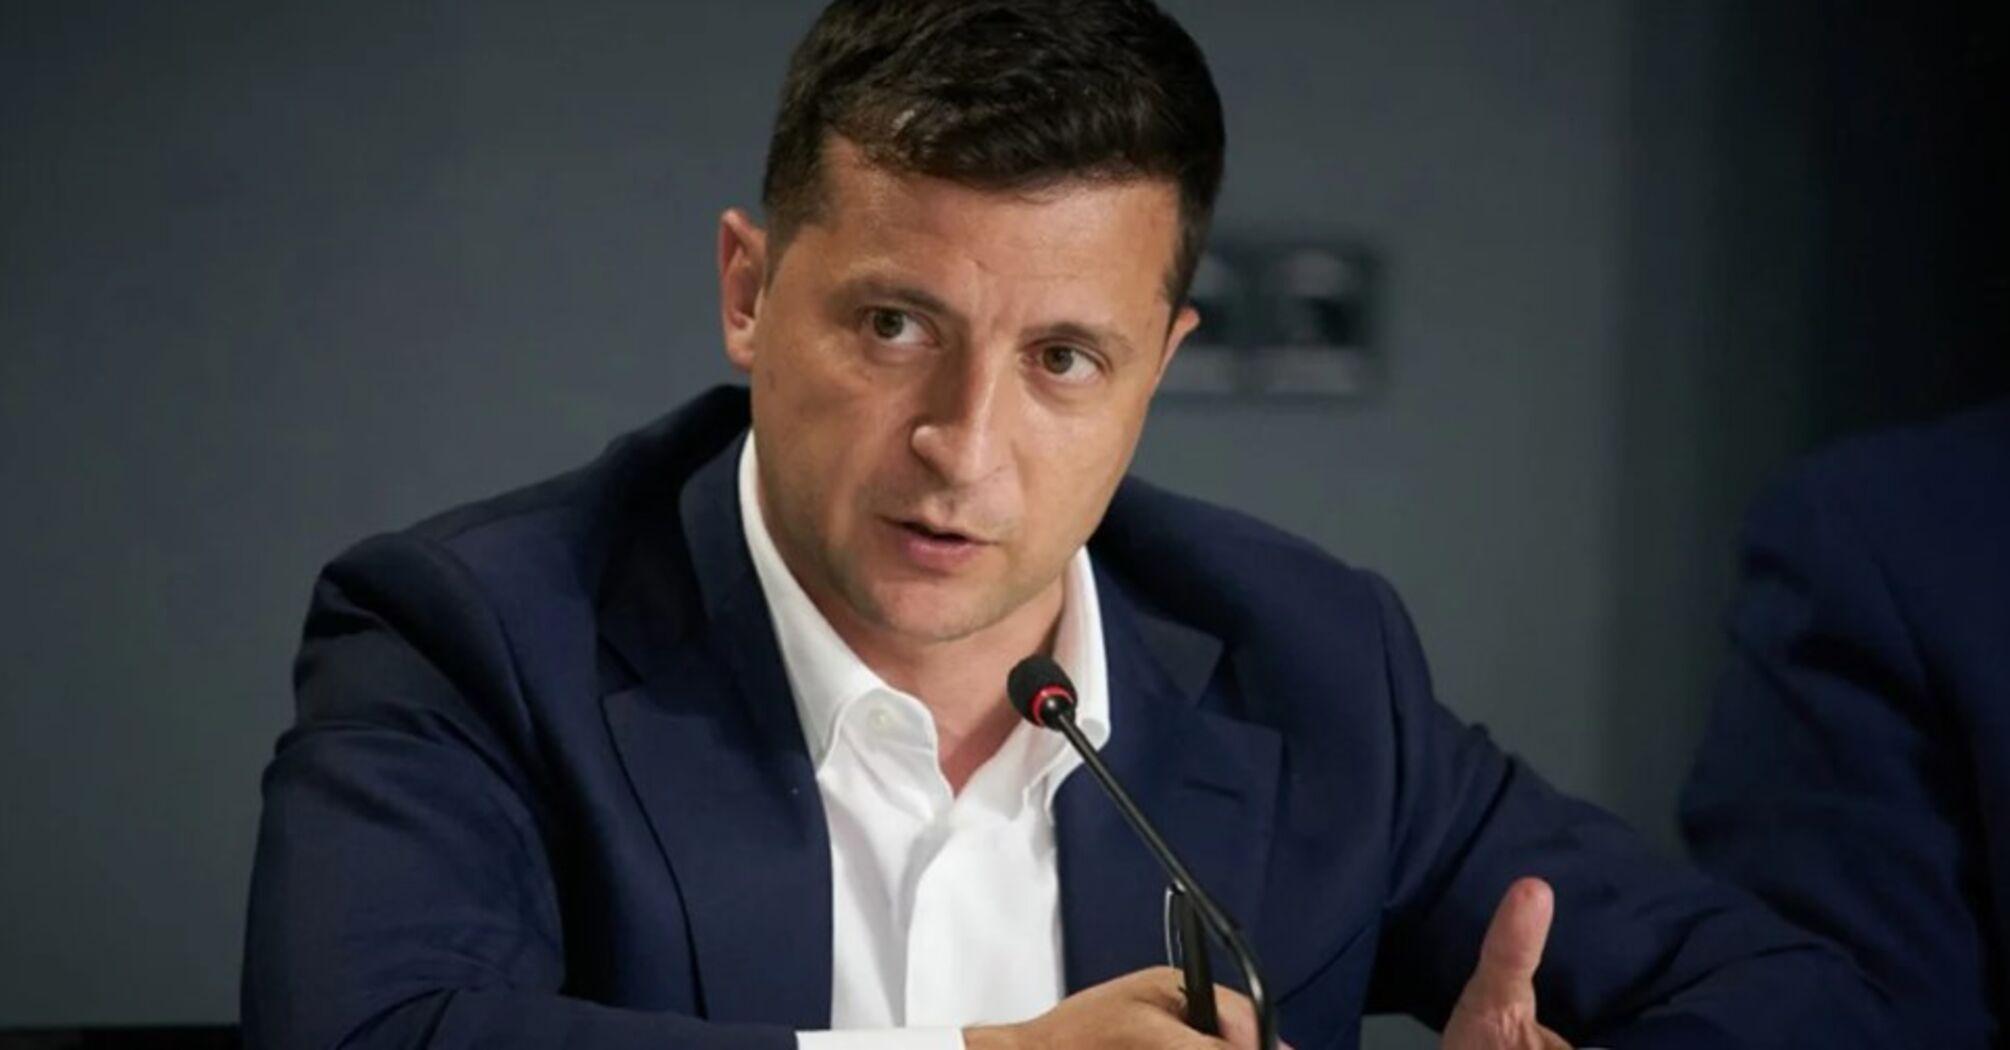 Події у Луцьку: поведінка Зеленського спровокує нову хвилю терактів